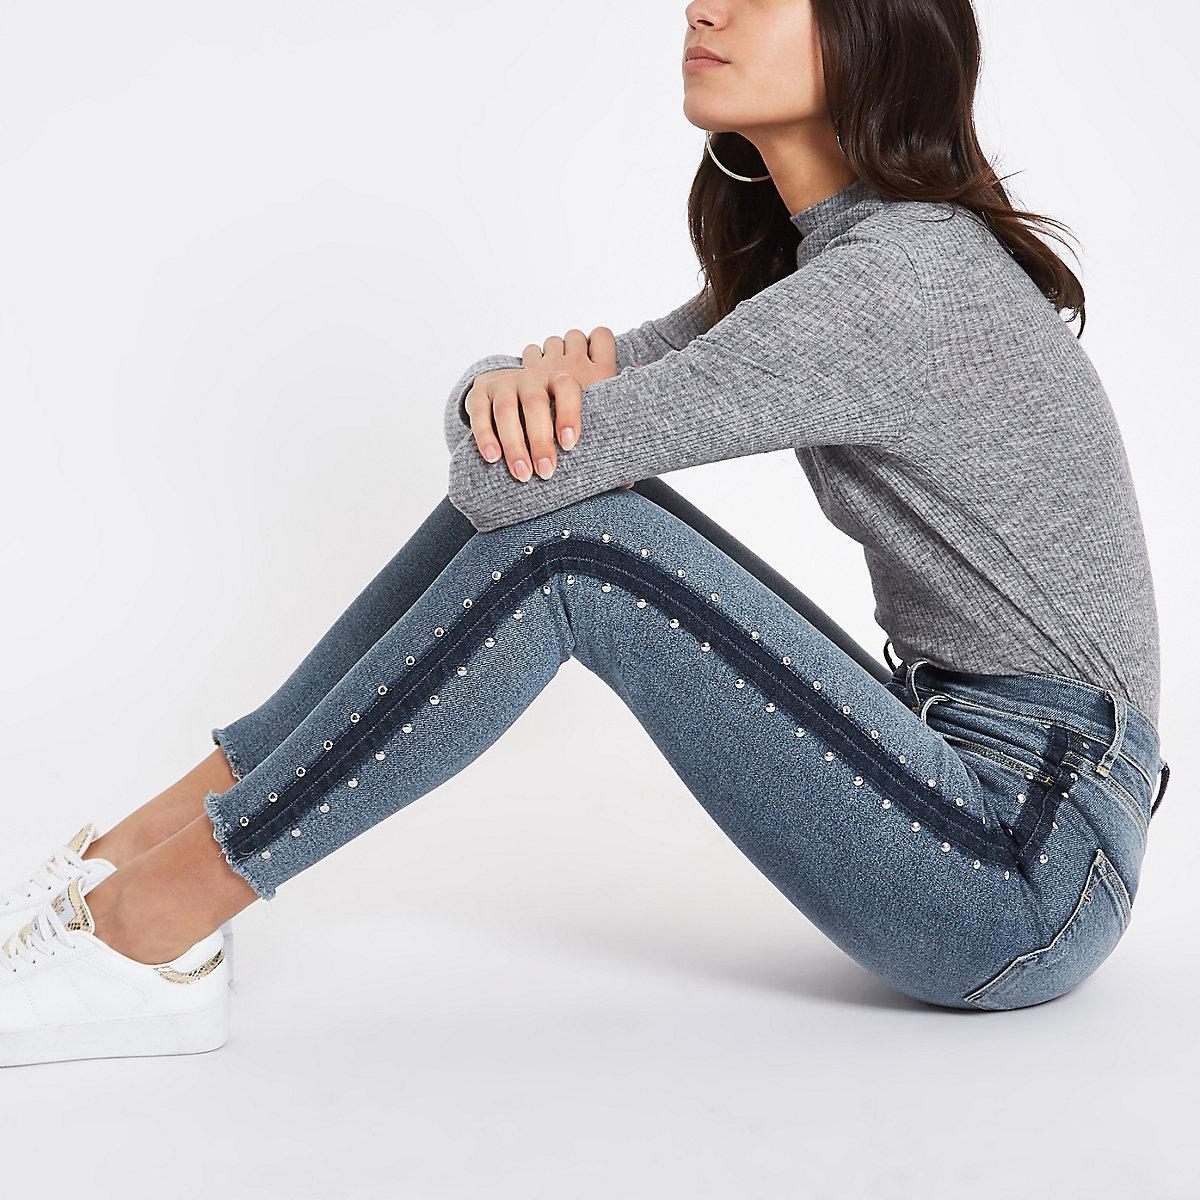 Harper - Blauwe superskinny jeans met studs opzij